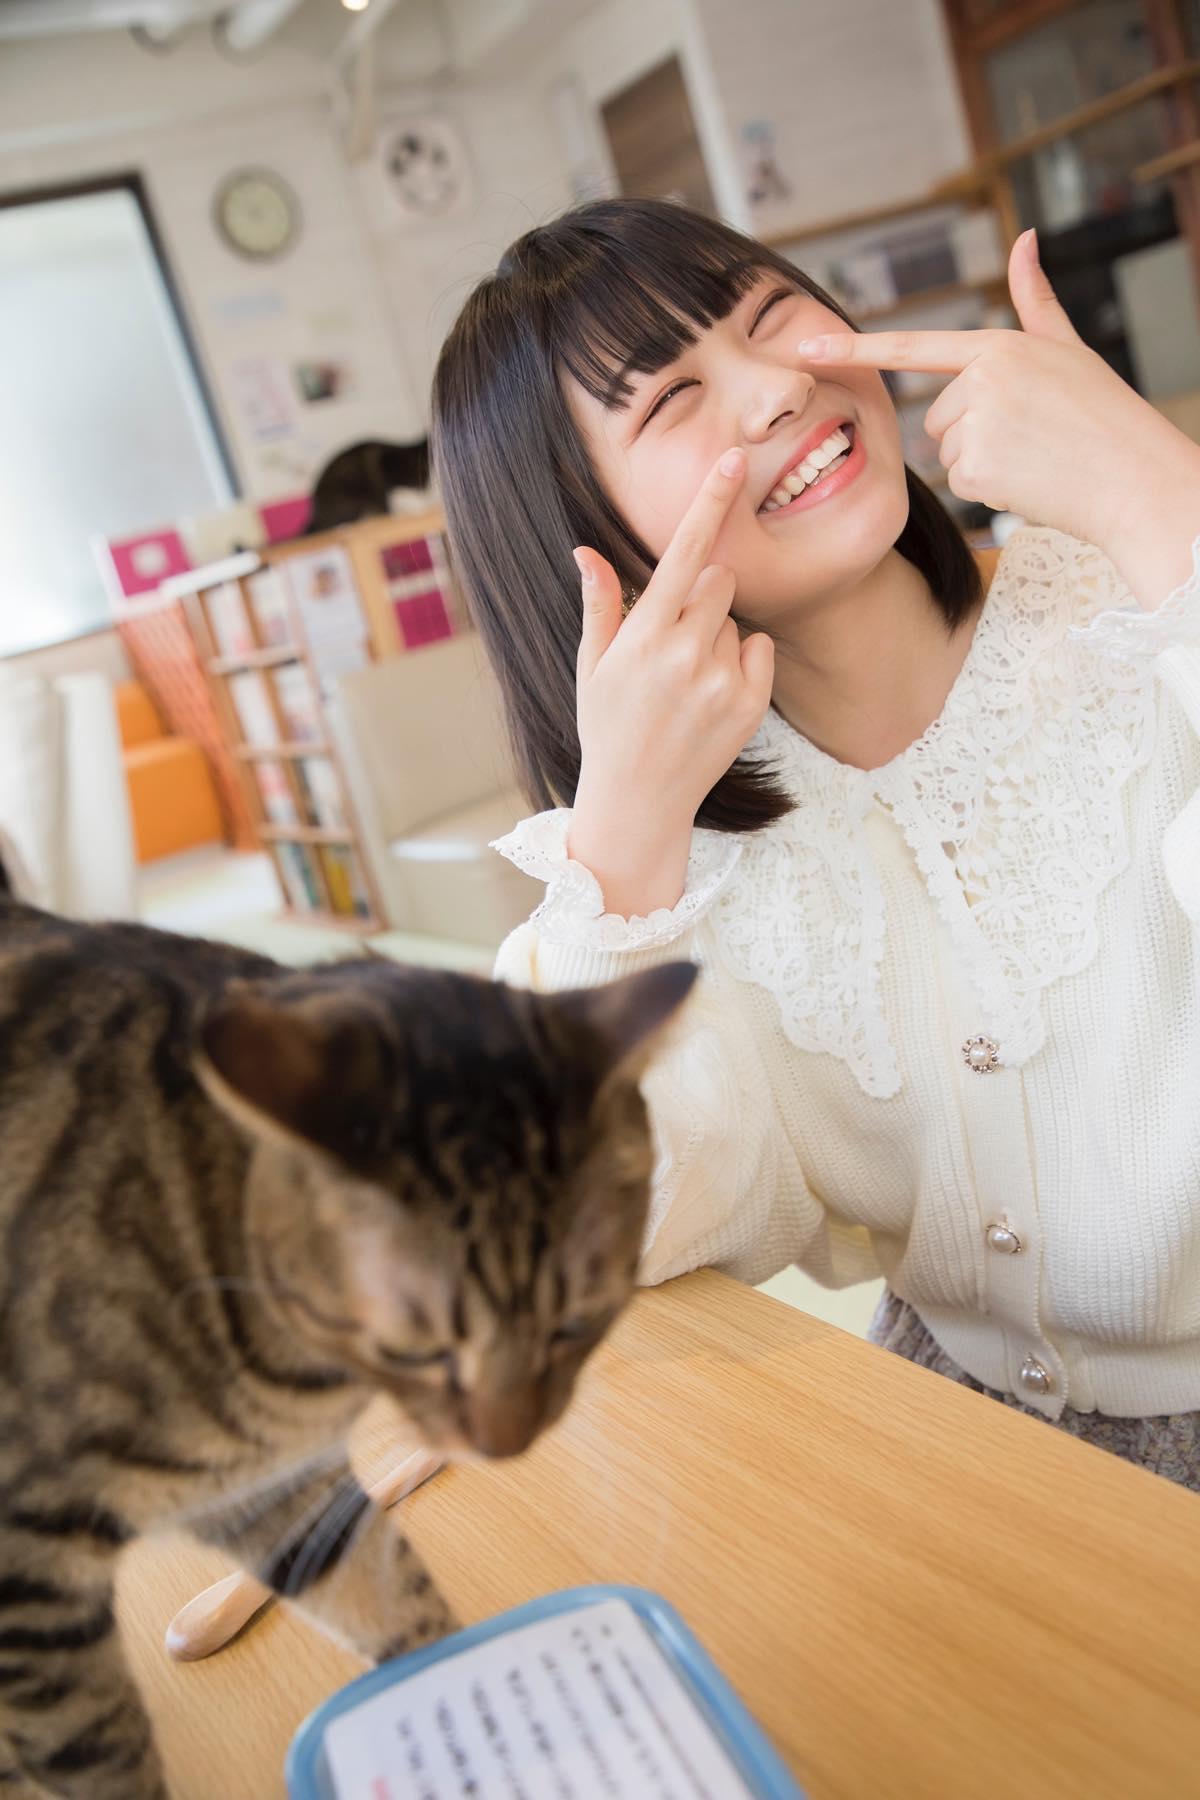 小澤愛実「猫に愛されることはできるのか」【写真48枚】【連載】ラストアイドルのすっぴん!vol.19の画像010